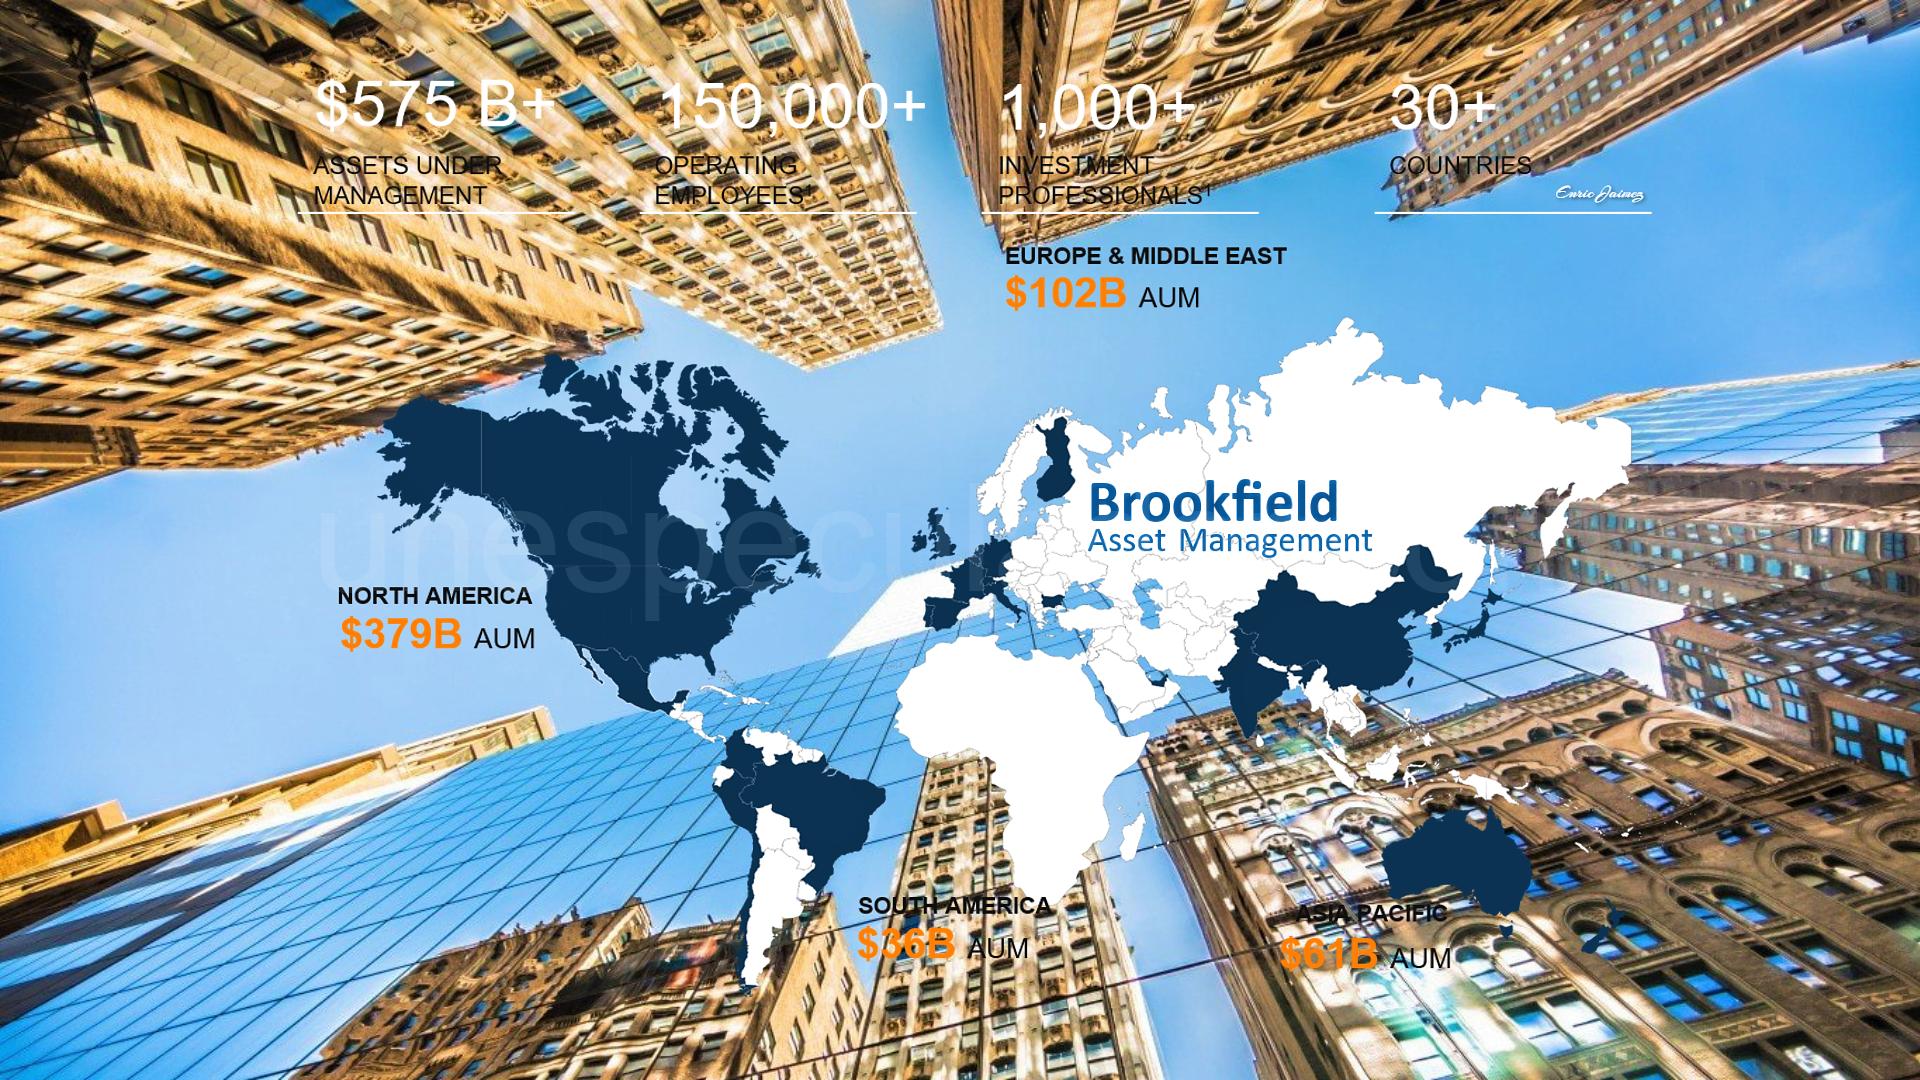 Invertir REITs - Brookfield Asset Management